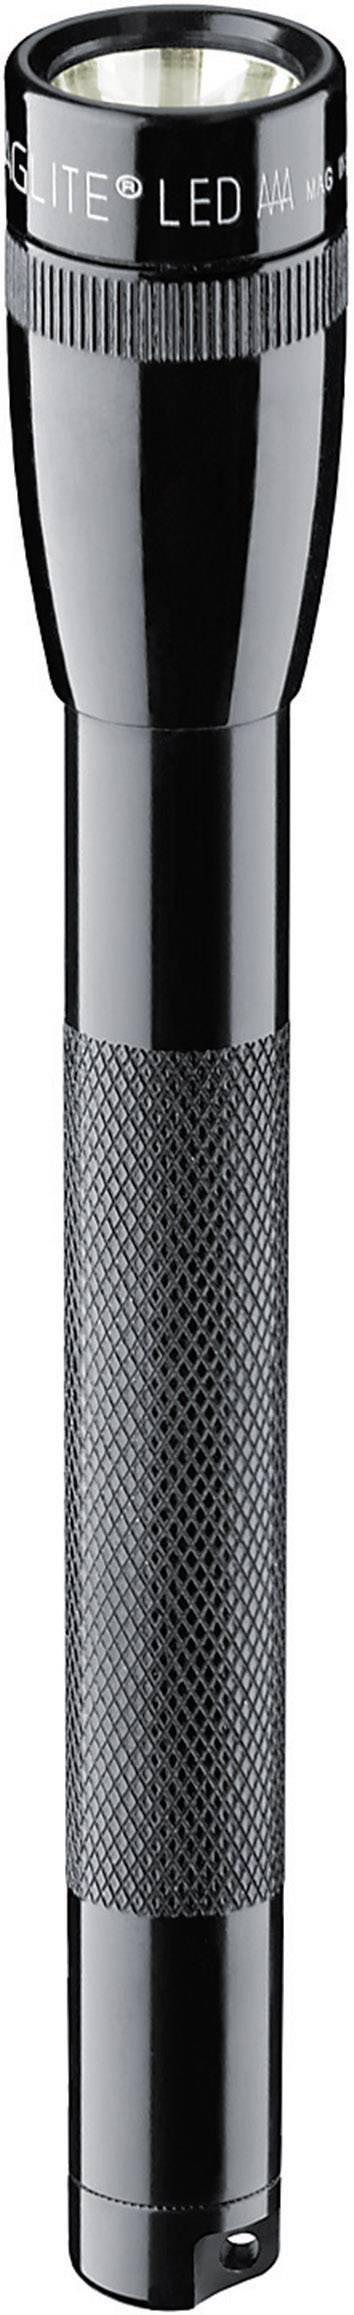 Vreckové LED svietidlo Mag-Lite MiniMag AAA, SP32016, čierne